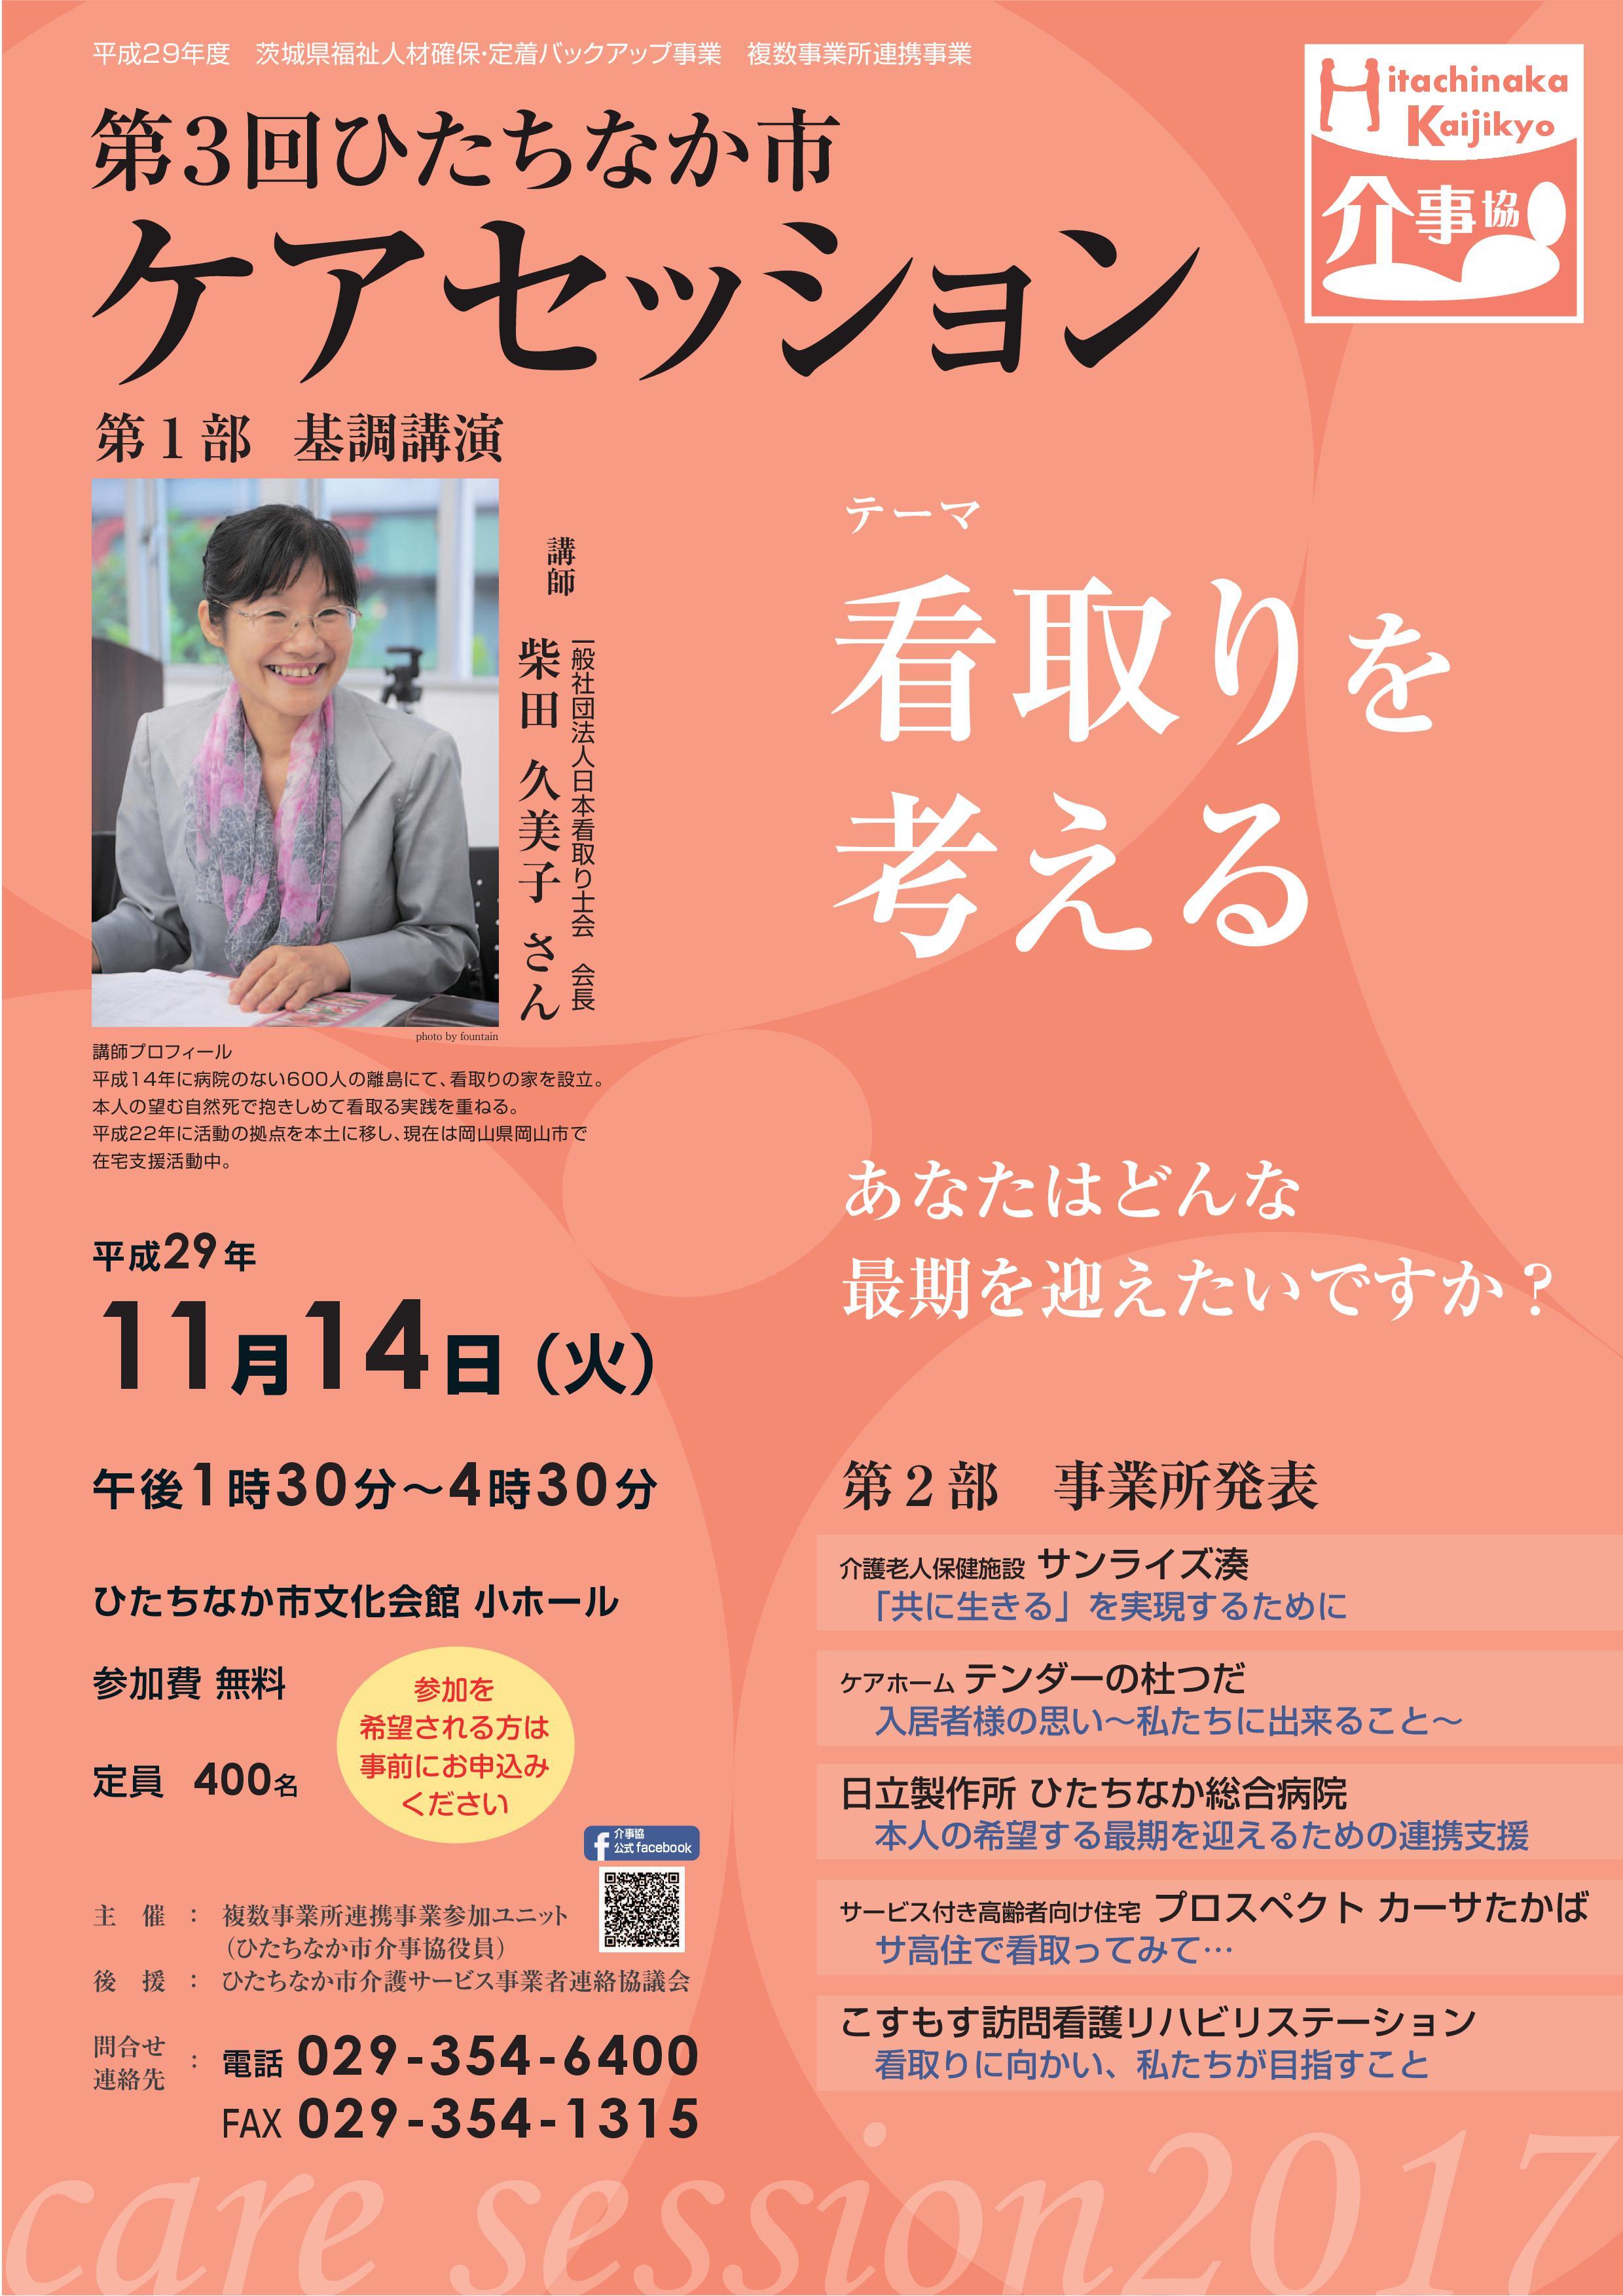 [茨城] 第3回 ひたちなか市ケアセッション @ ひたちなか市文化会館小ホール | ひたちなか市 | 茨城県 | 日本